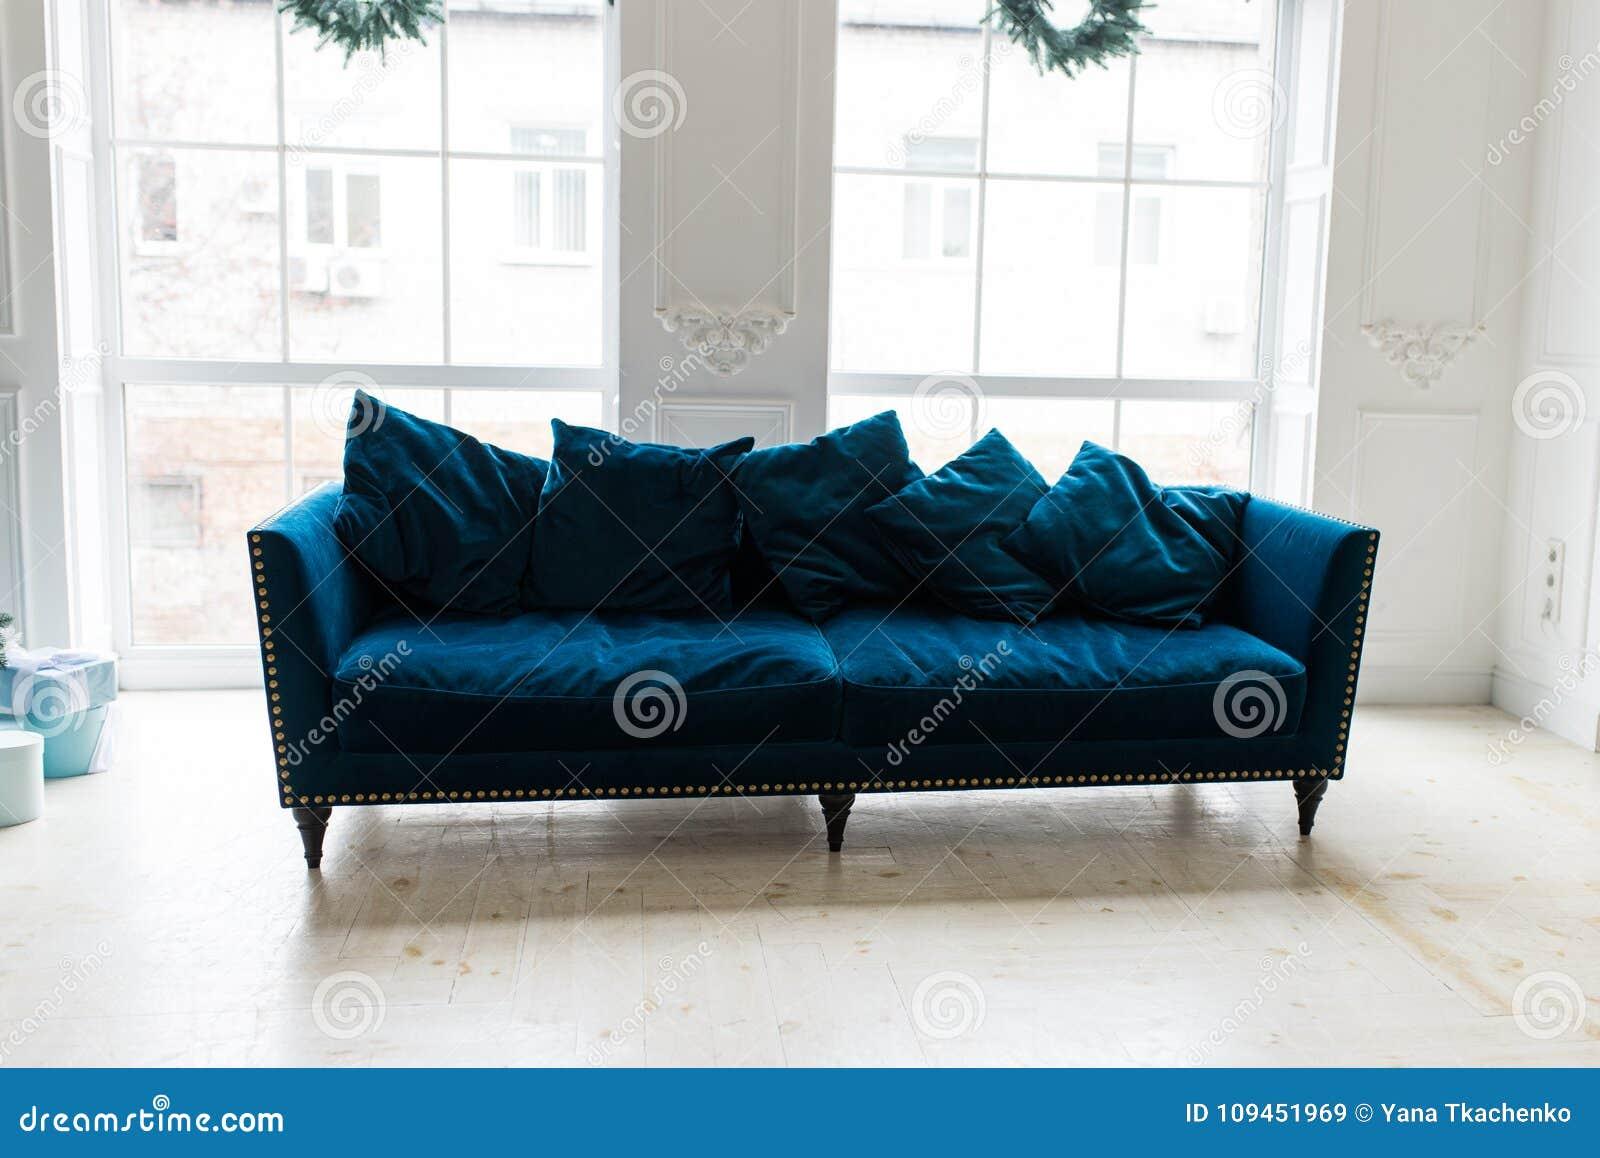 Blue Sofa In White Simple Living Room. Modern Color Of Blue Velvet ...